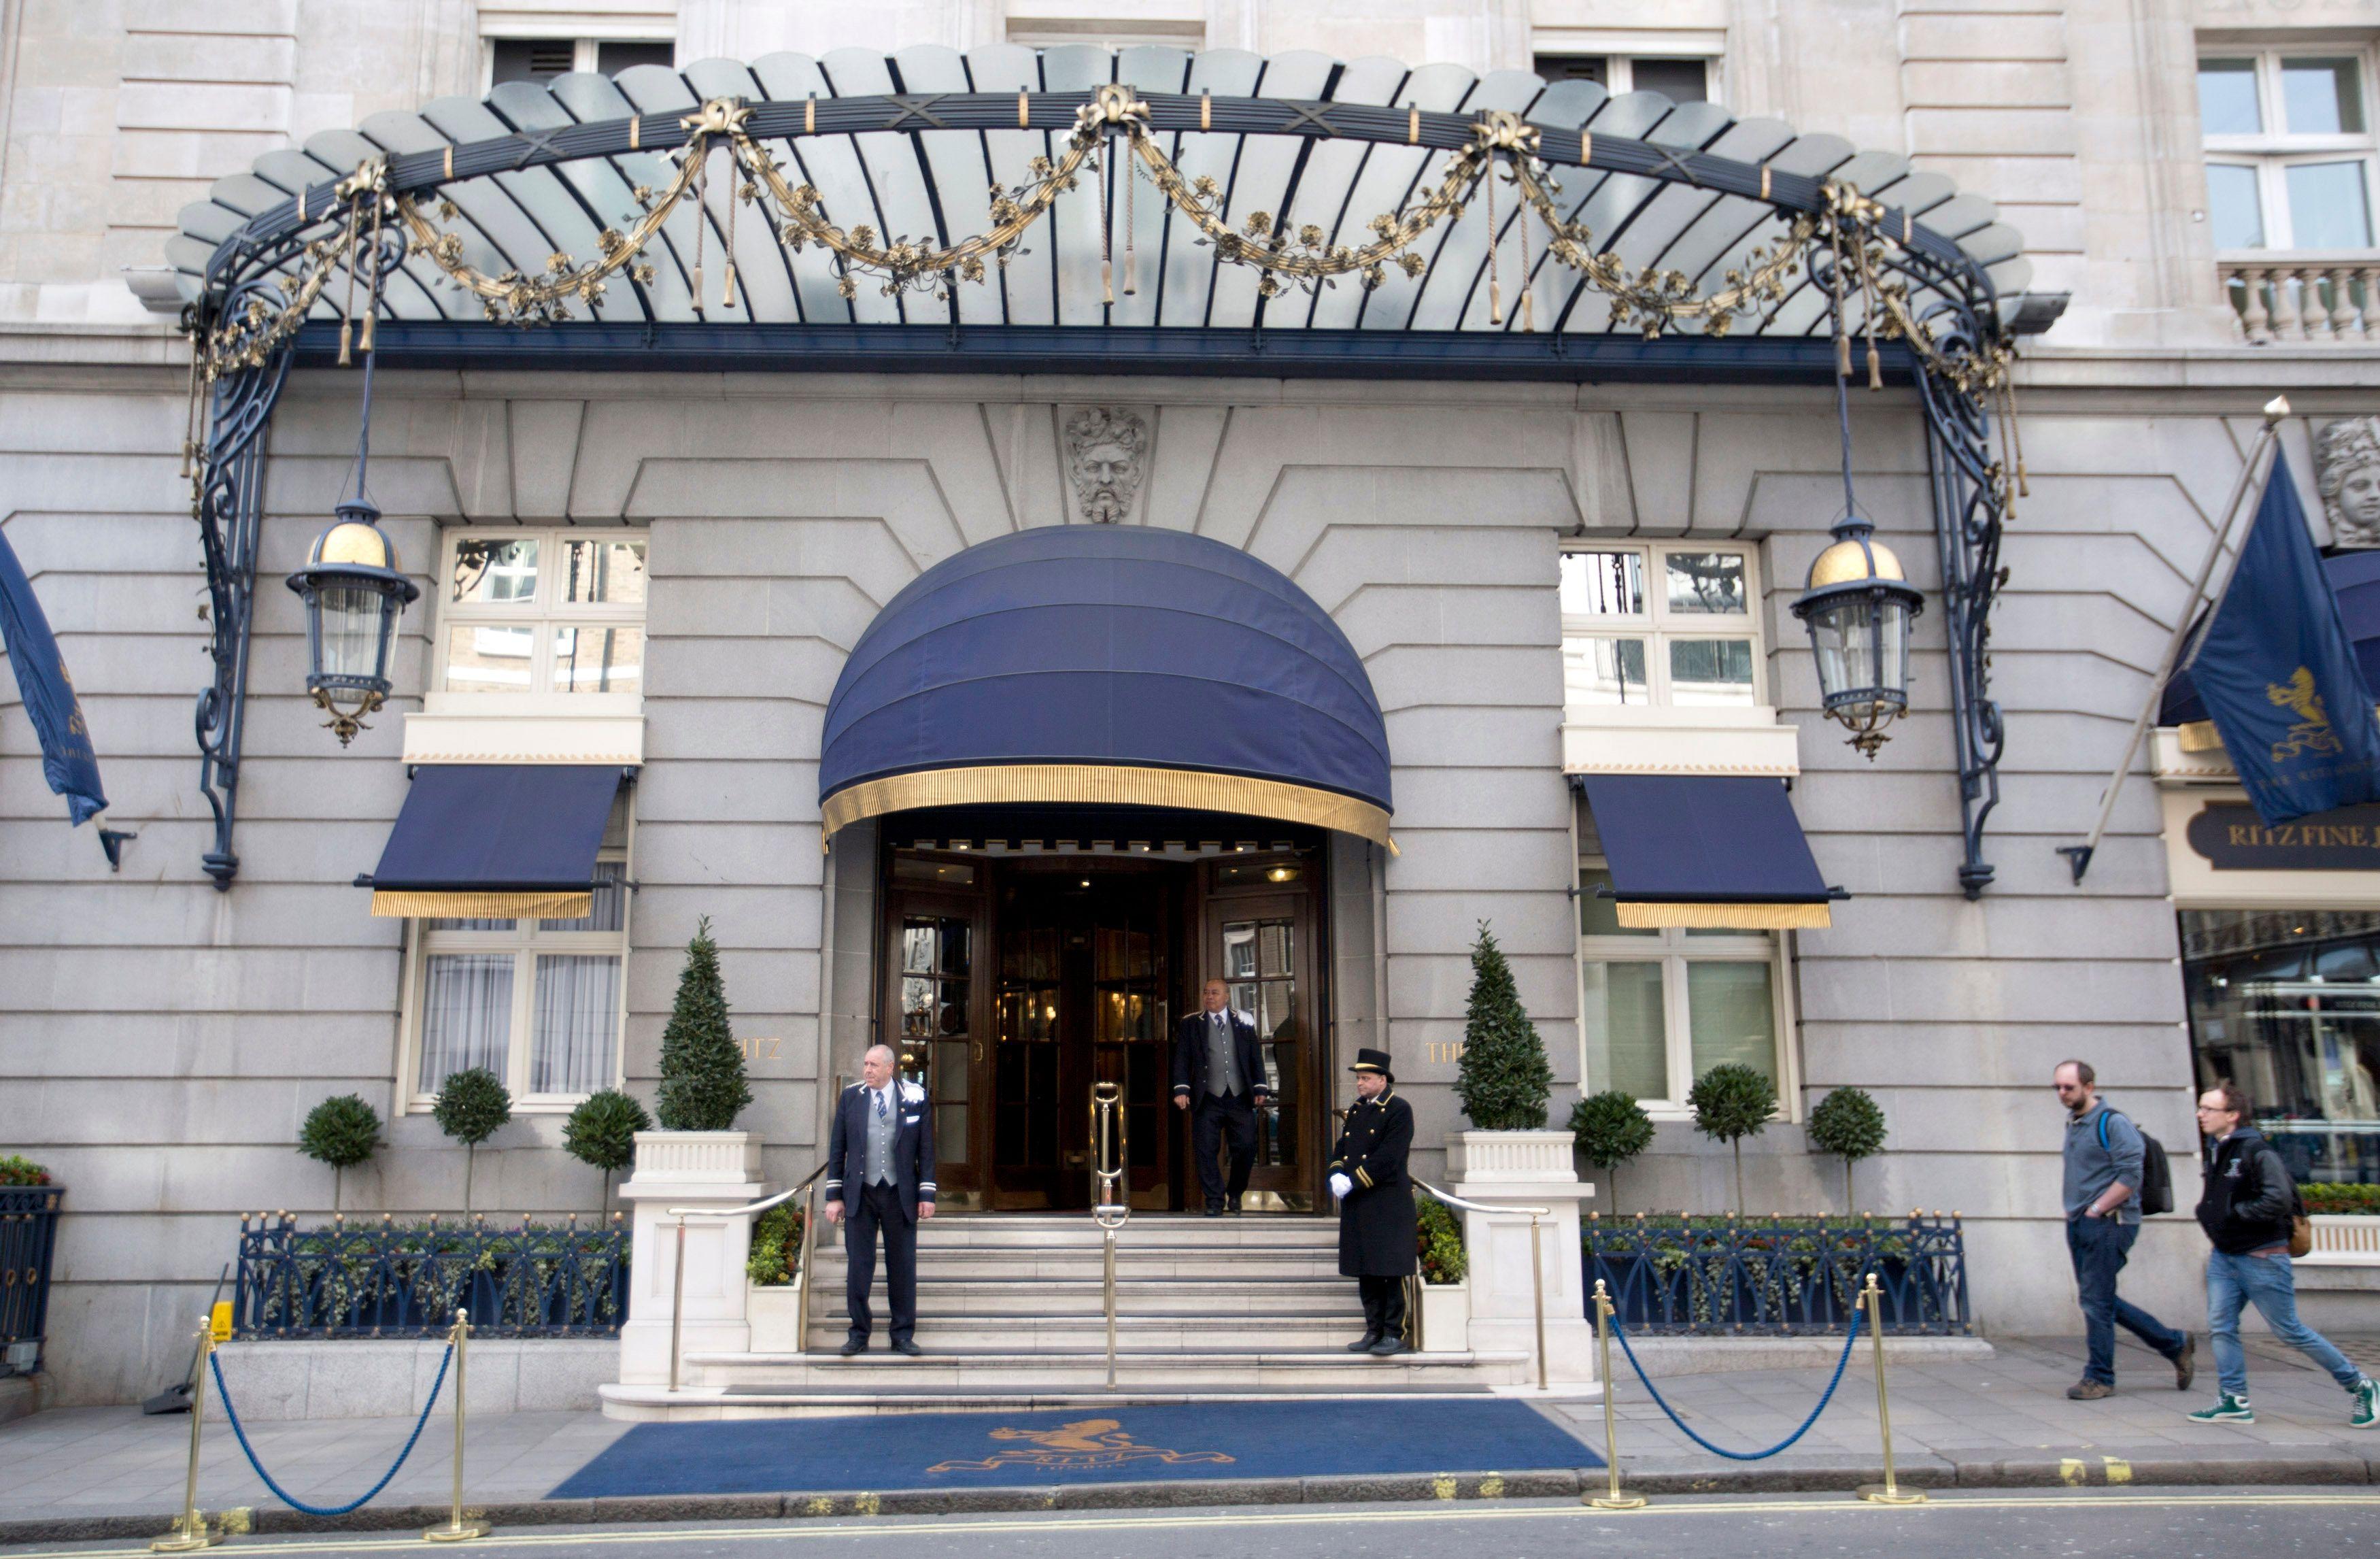 Dans l'hôtellerie, la législation a eu pour effet de limiter la concurrence.